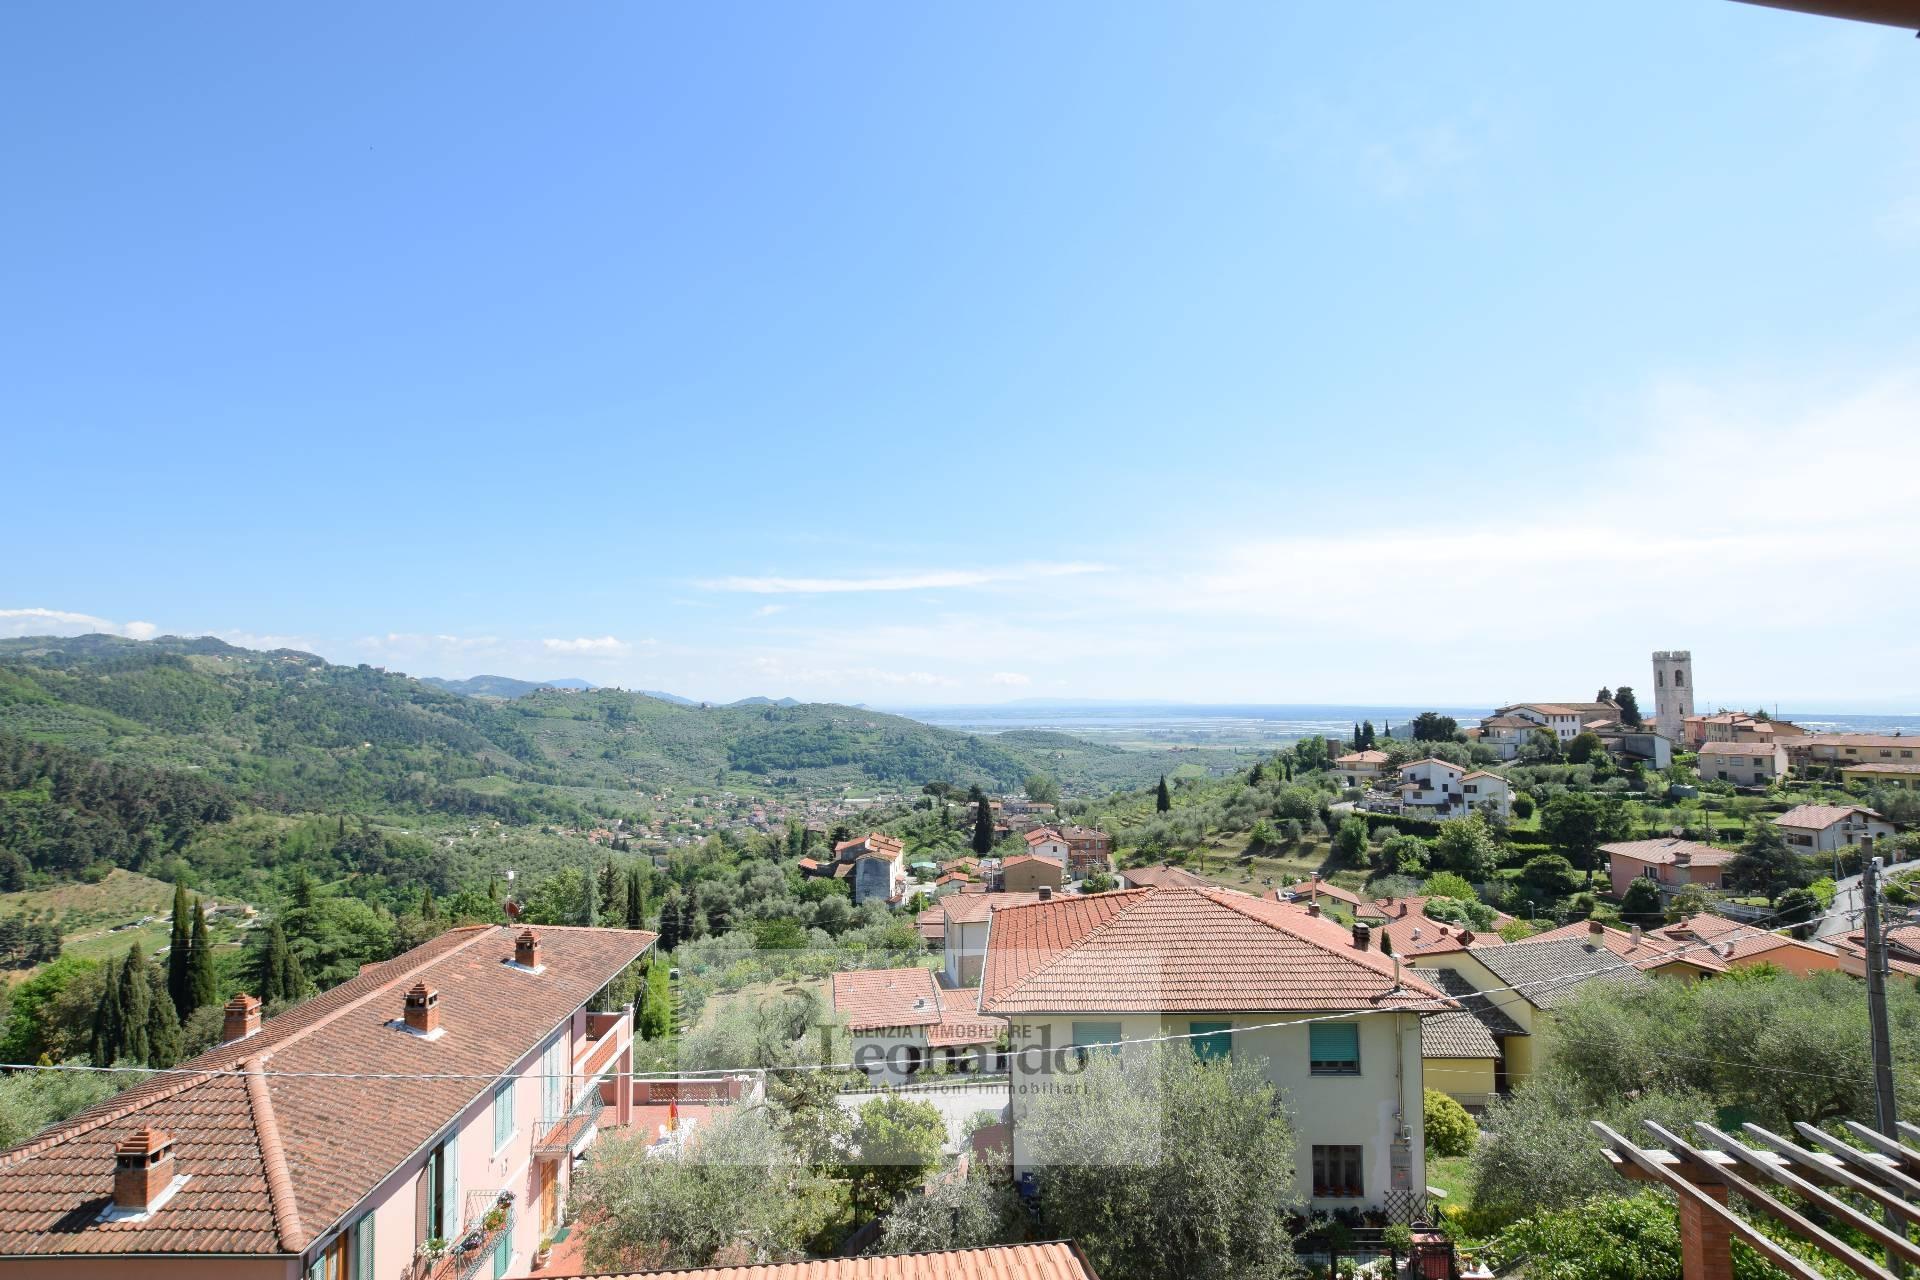 Soluzione Indipendente in vendita a Massarosa, 5 locali, zona Zona: Bargecchia, prezzo € 170.000 | Cambio Casa.it